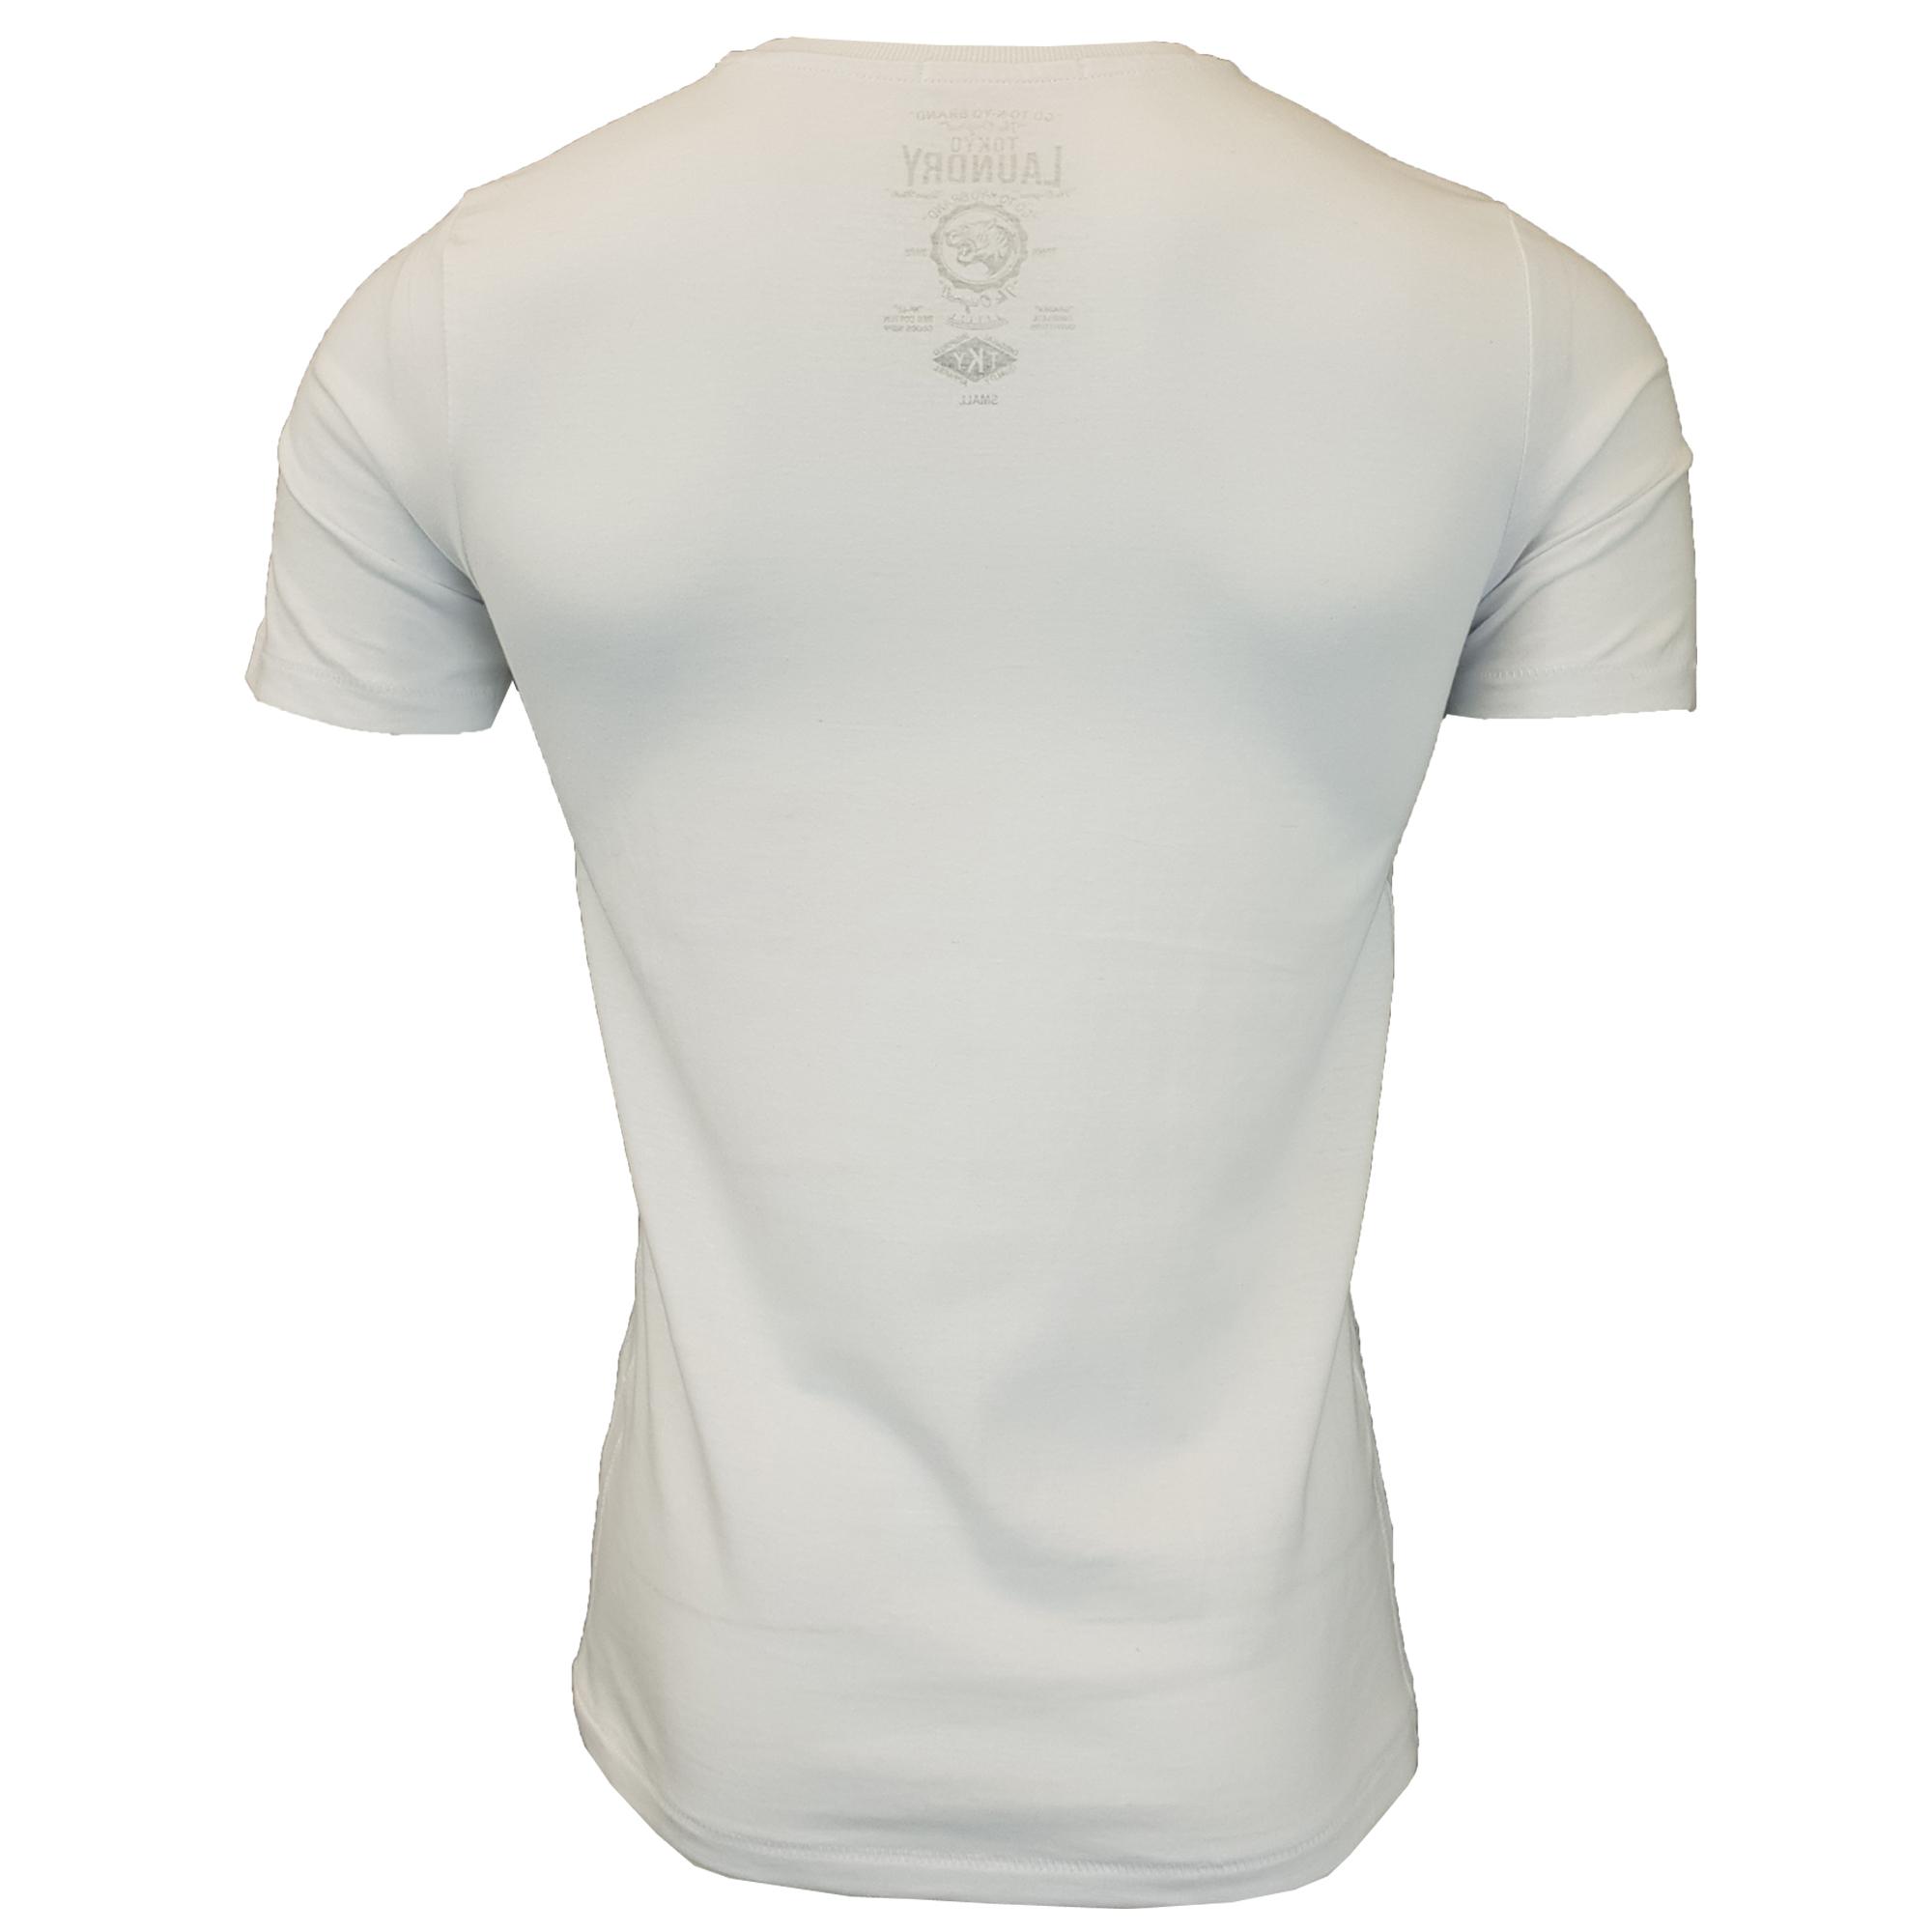 198933f9d2ea New Mens Tokyo Laundry 3 Pack Plain Combed Cotton T-shirt Top Plain Mix  Colours T-Shirts